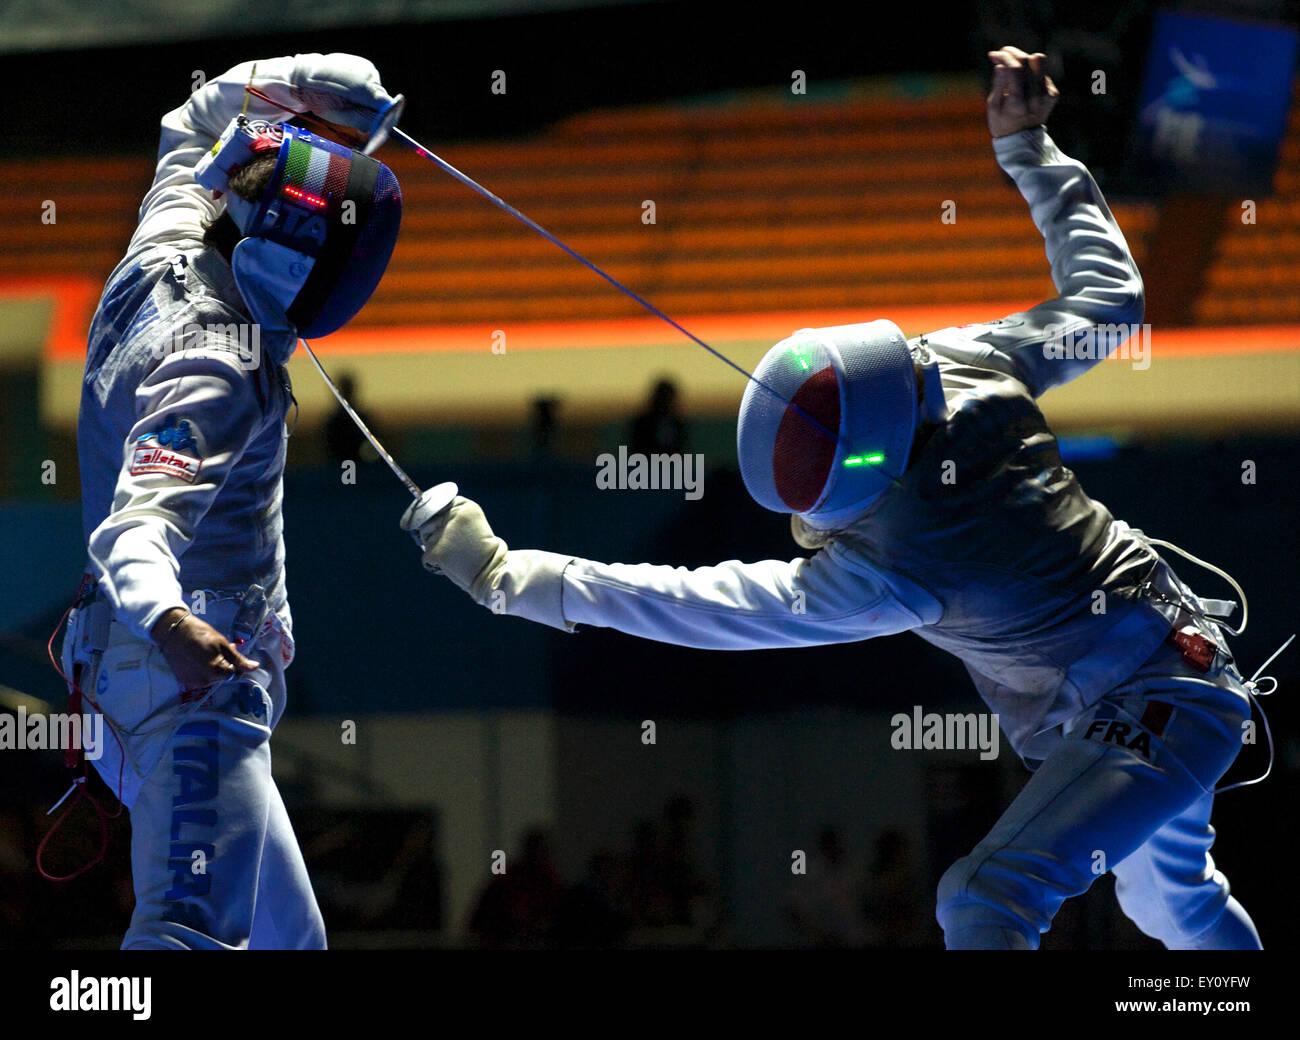 Moscou, Russie. 19 juillet, 2015. Andrea BALDINI d'Italia et Jeremy CADOT de France en concurrence au cours Photo Stock